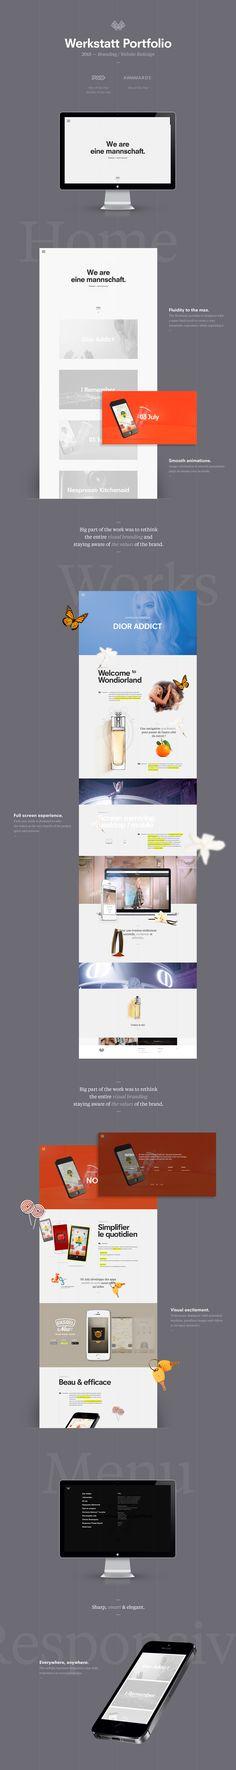 Werkstatt · Portfolio & Branding by Valentin Delouis